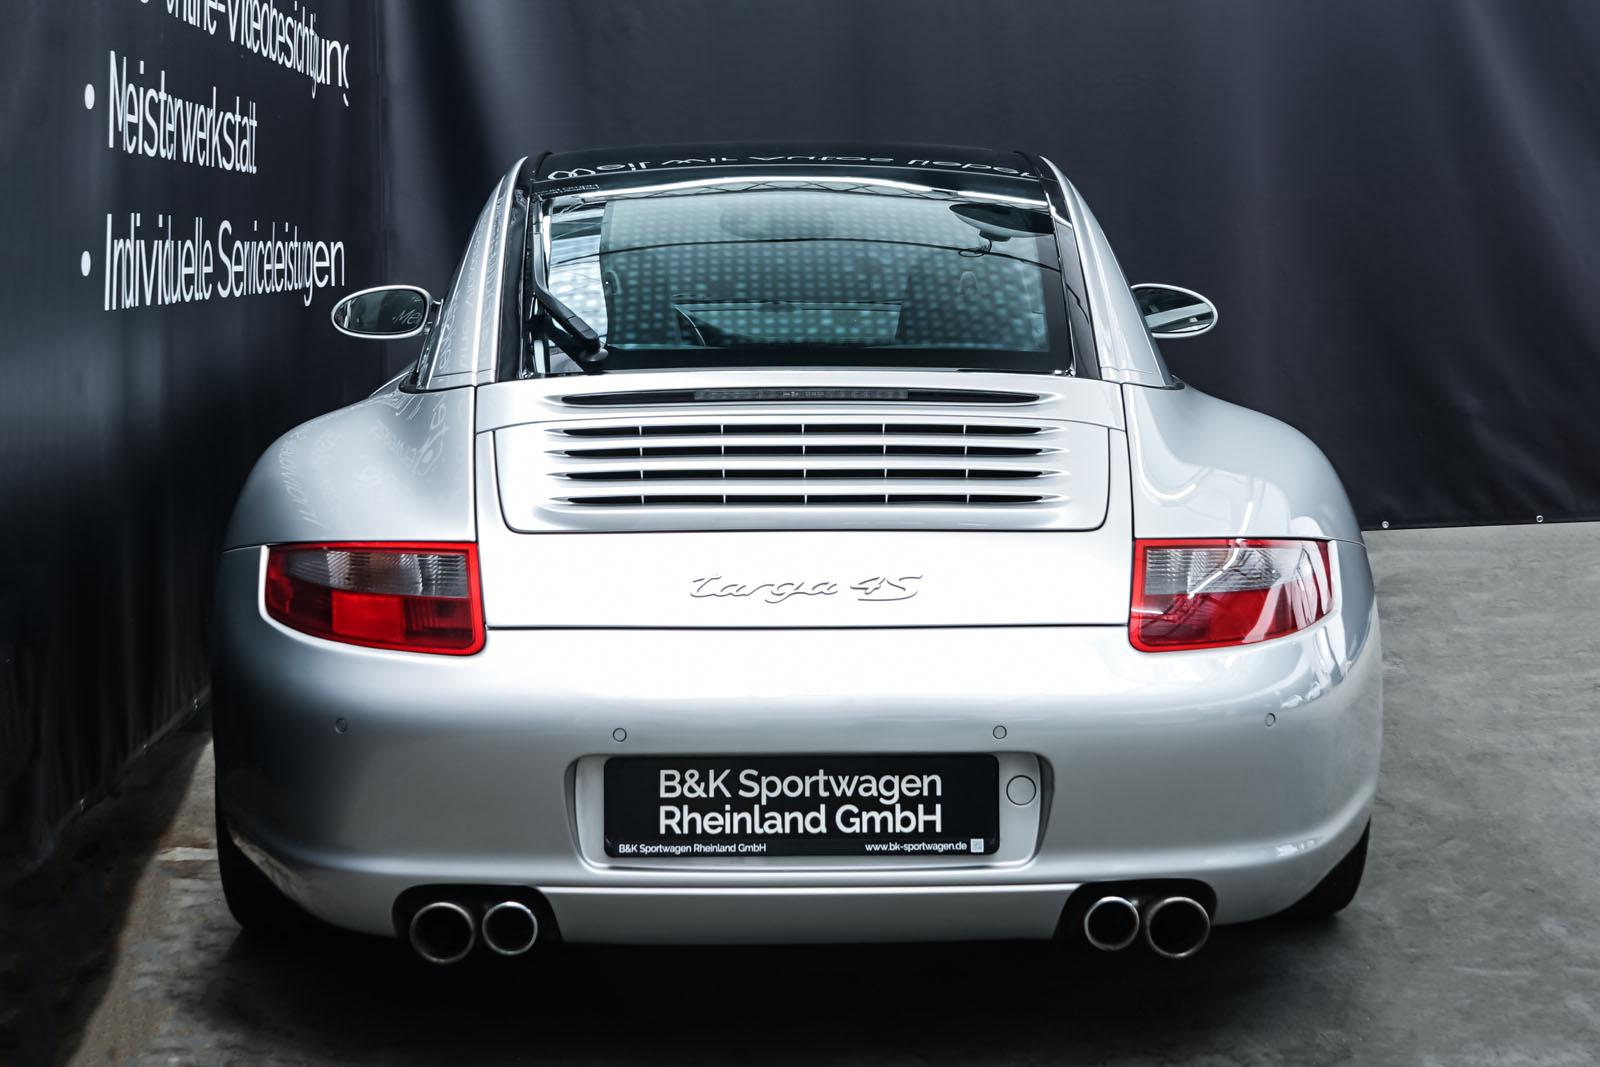 Porsche_997_Targa4s_Silber_Grau_POR-0477_14_w